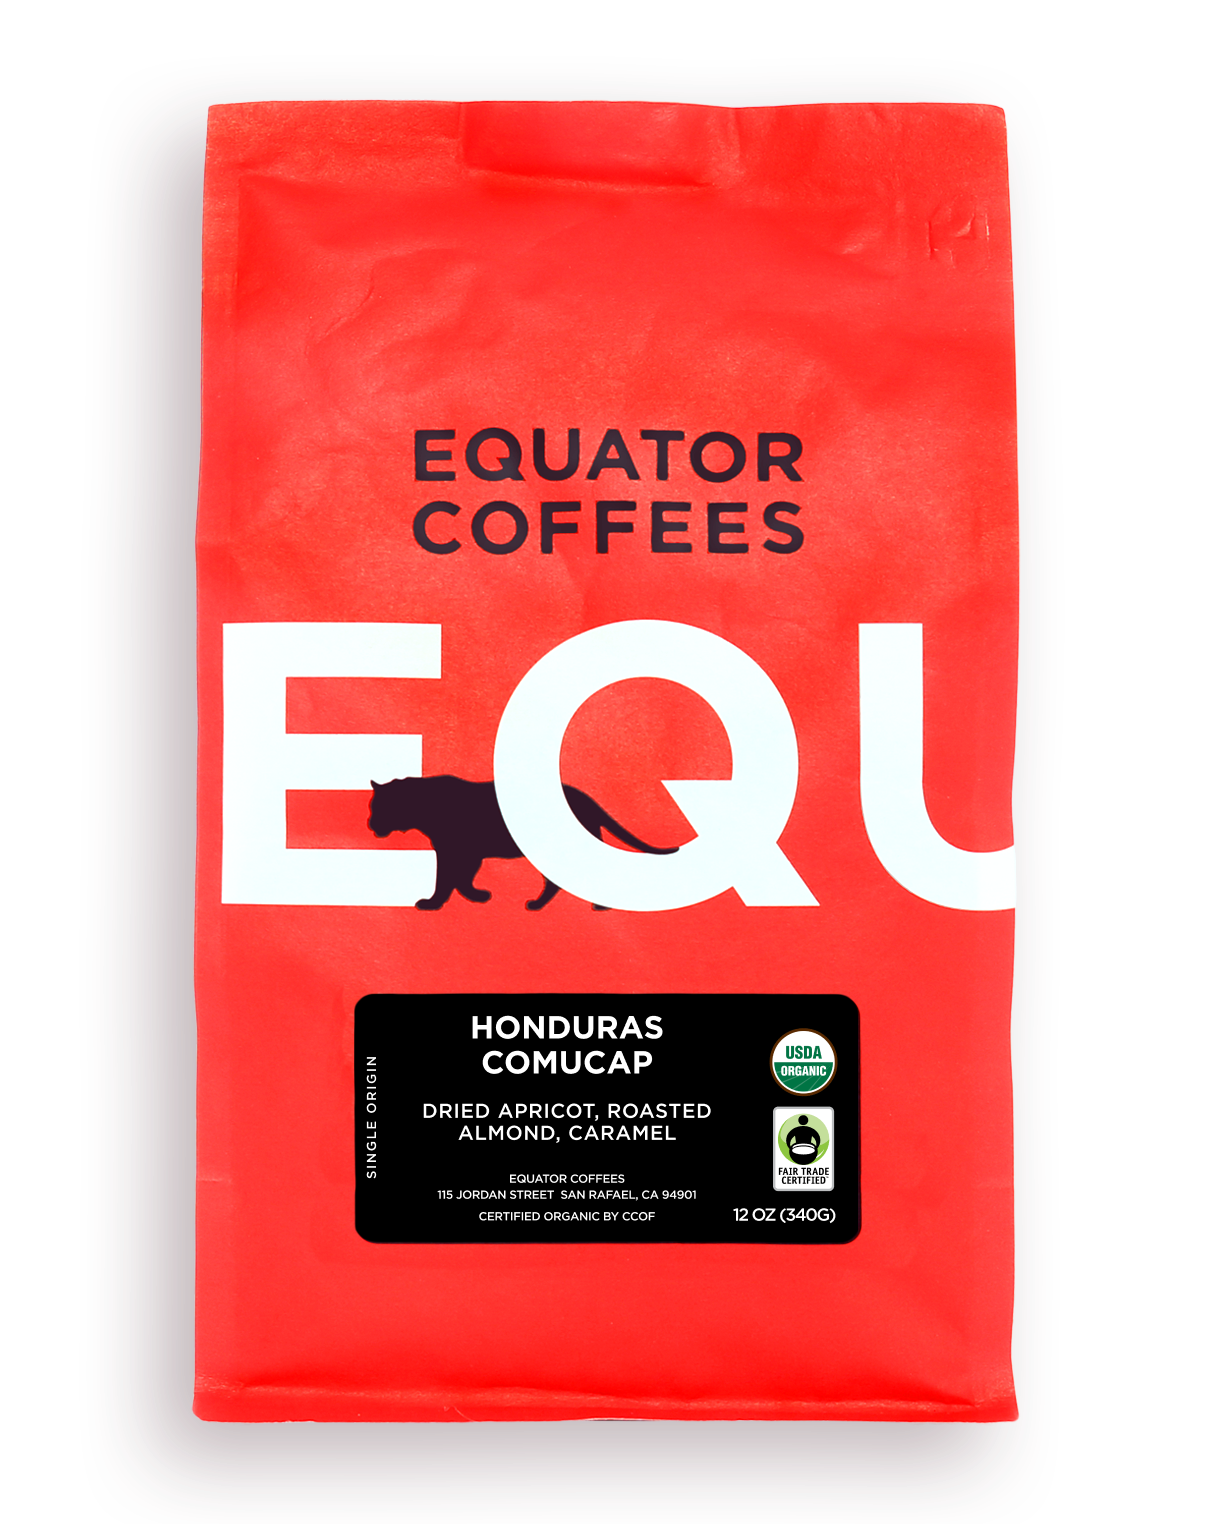 Honduras COMUCAP Fair Trade Organic